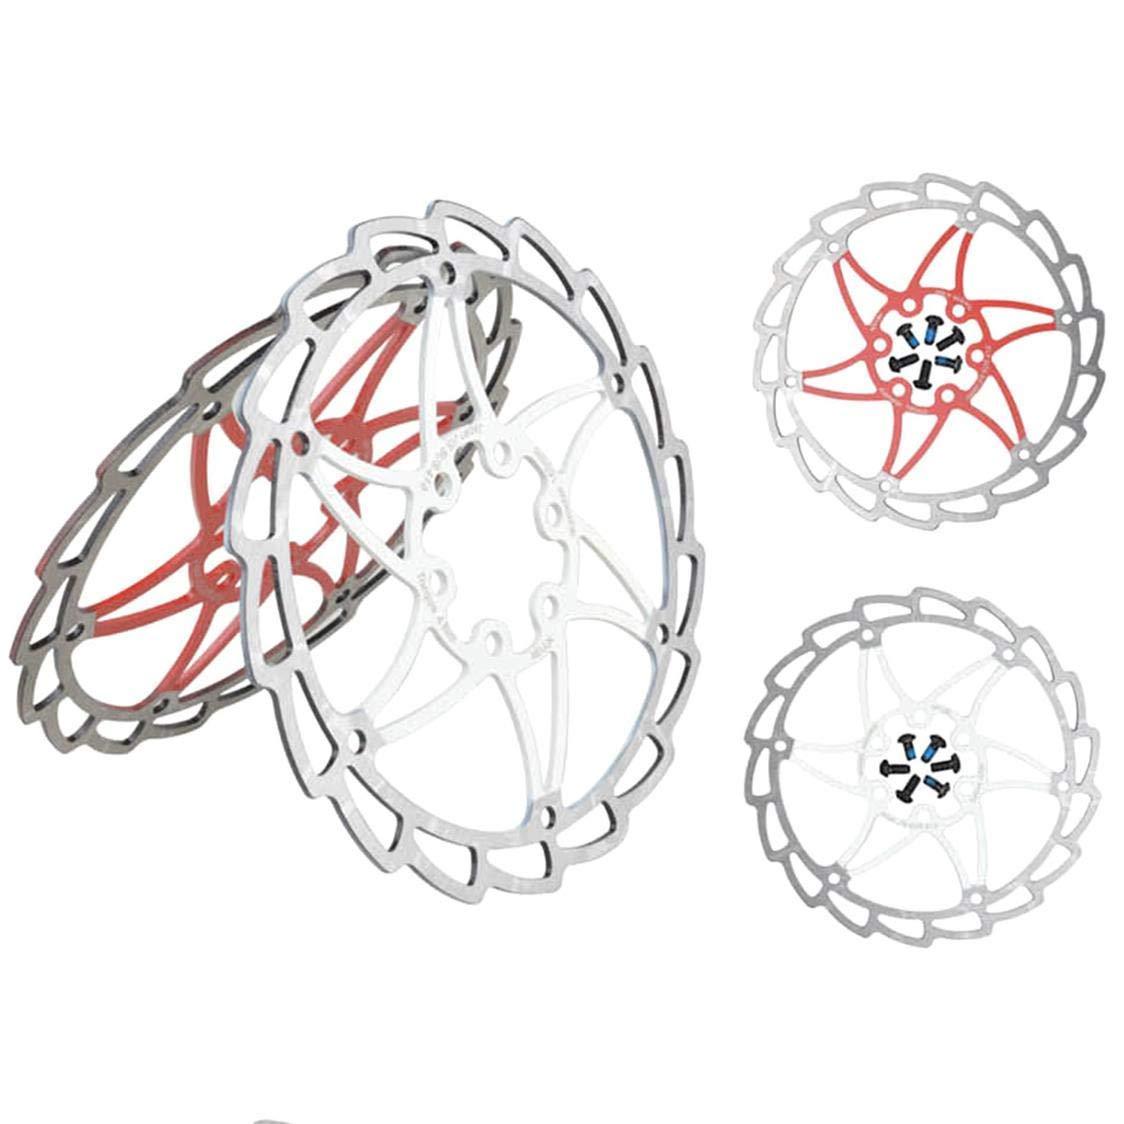 dryujdytru 2019 Neu 1 St/ück Mountainbike Fahrrad Zwei Farben Scheibe Scheibenbremsen Edelstahl Bremsen Bremsscheiben f/ür Camping Piknik und Weitere Outdoor-Aktivit/äten